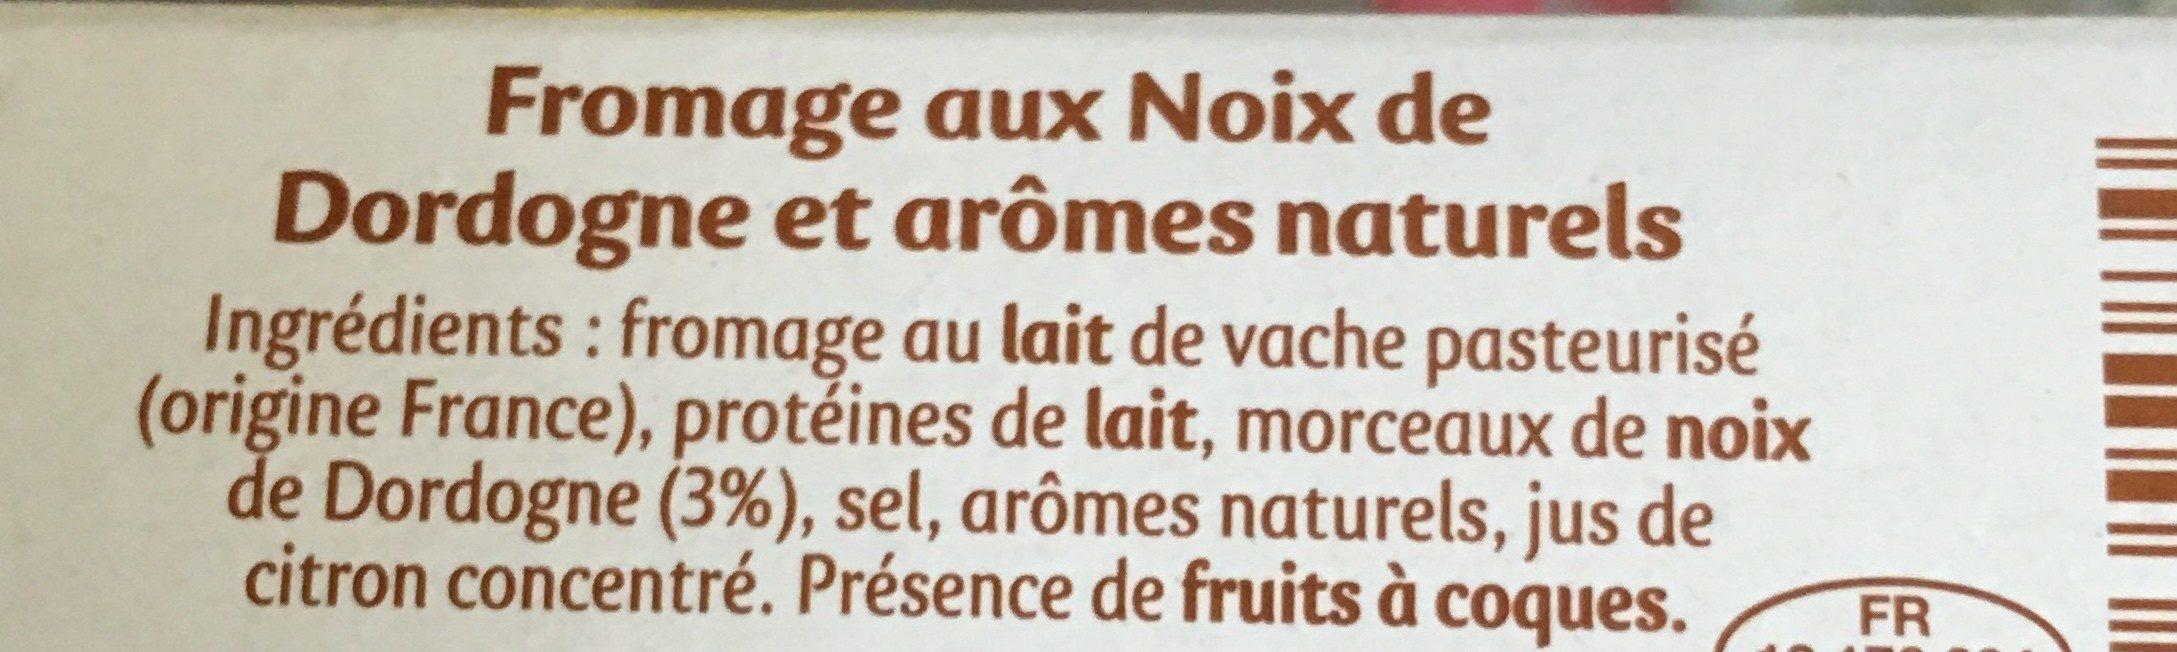 Noix de Dordogne - Ingrédients - fr